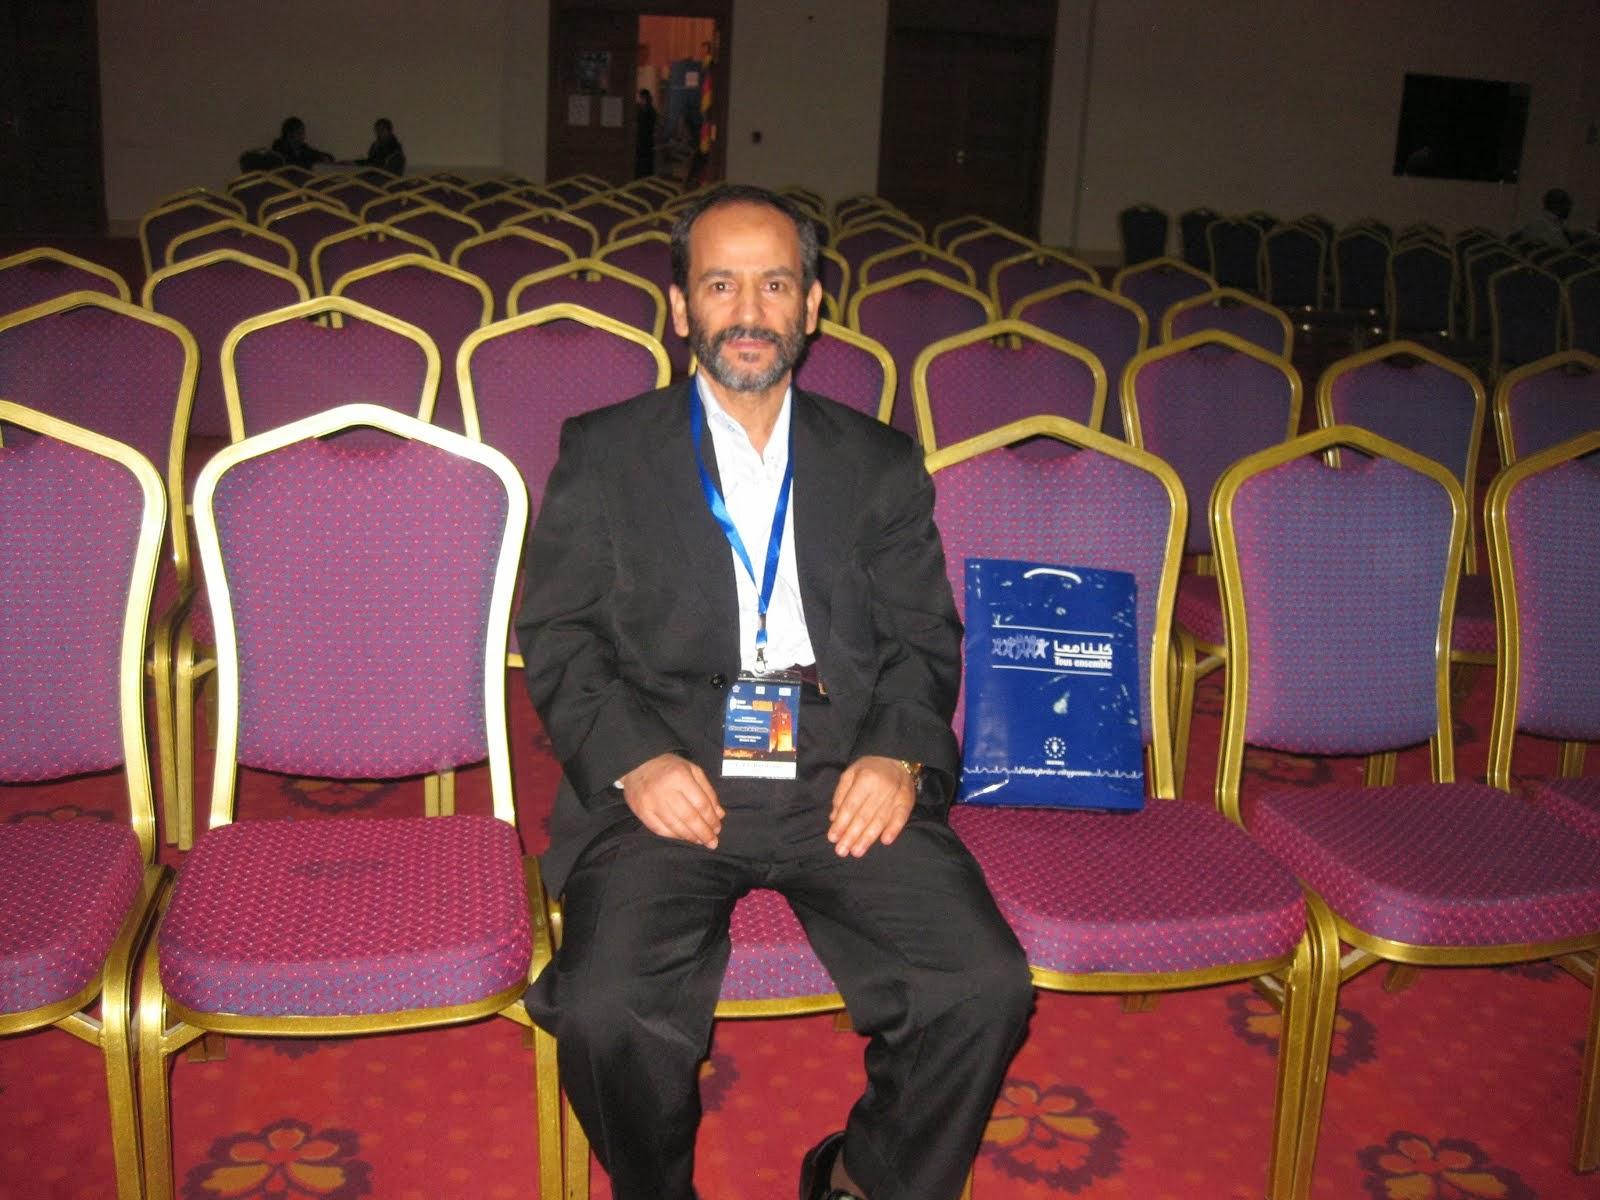 PROFESSEUR BARDOUNI DANS LA SALLE D EXPOSE DU CONGRE D ARTHROSCOPIE HOTEL PALM PLAZA A MARRAKECH